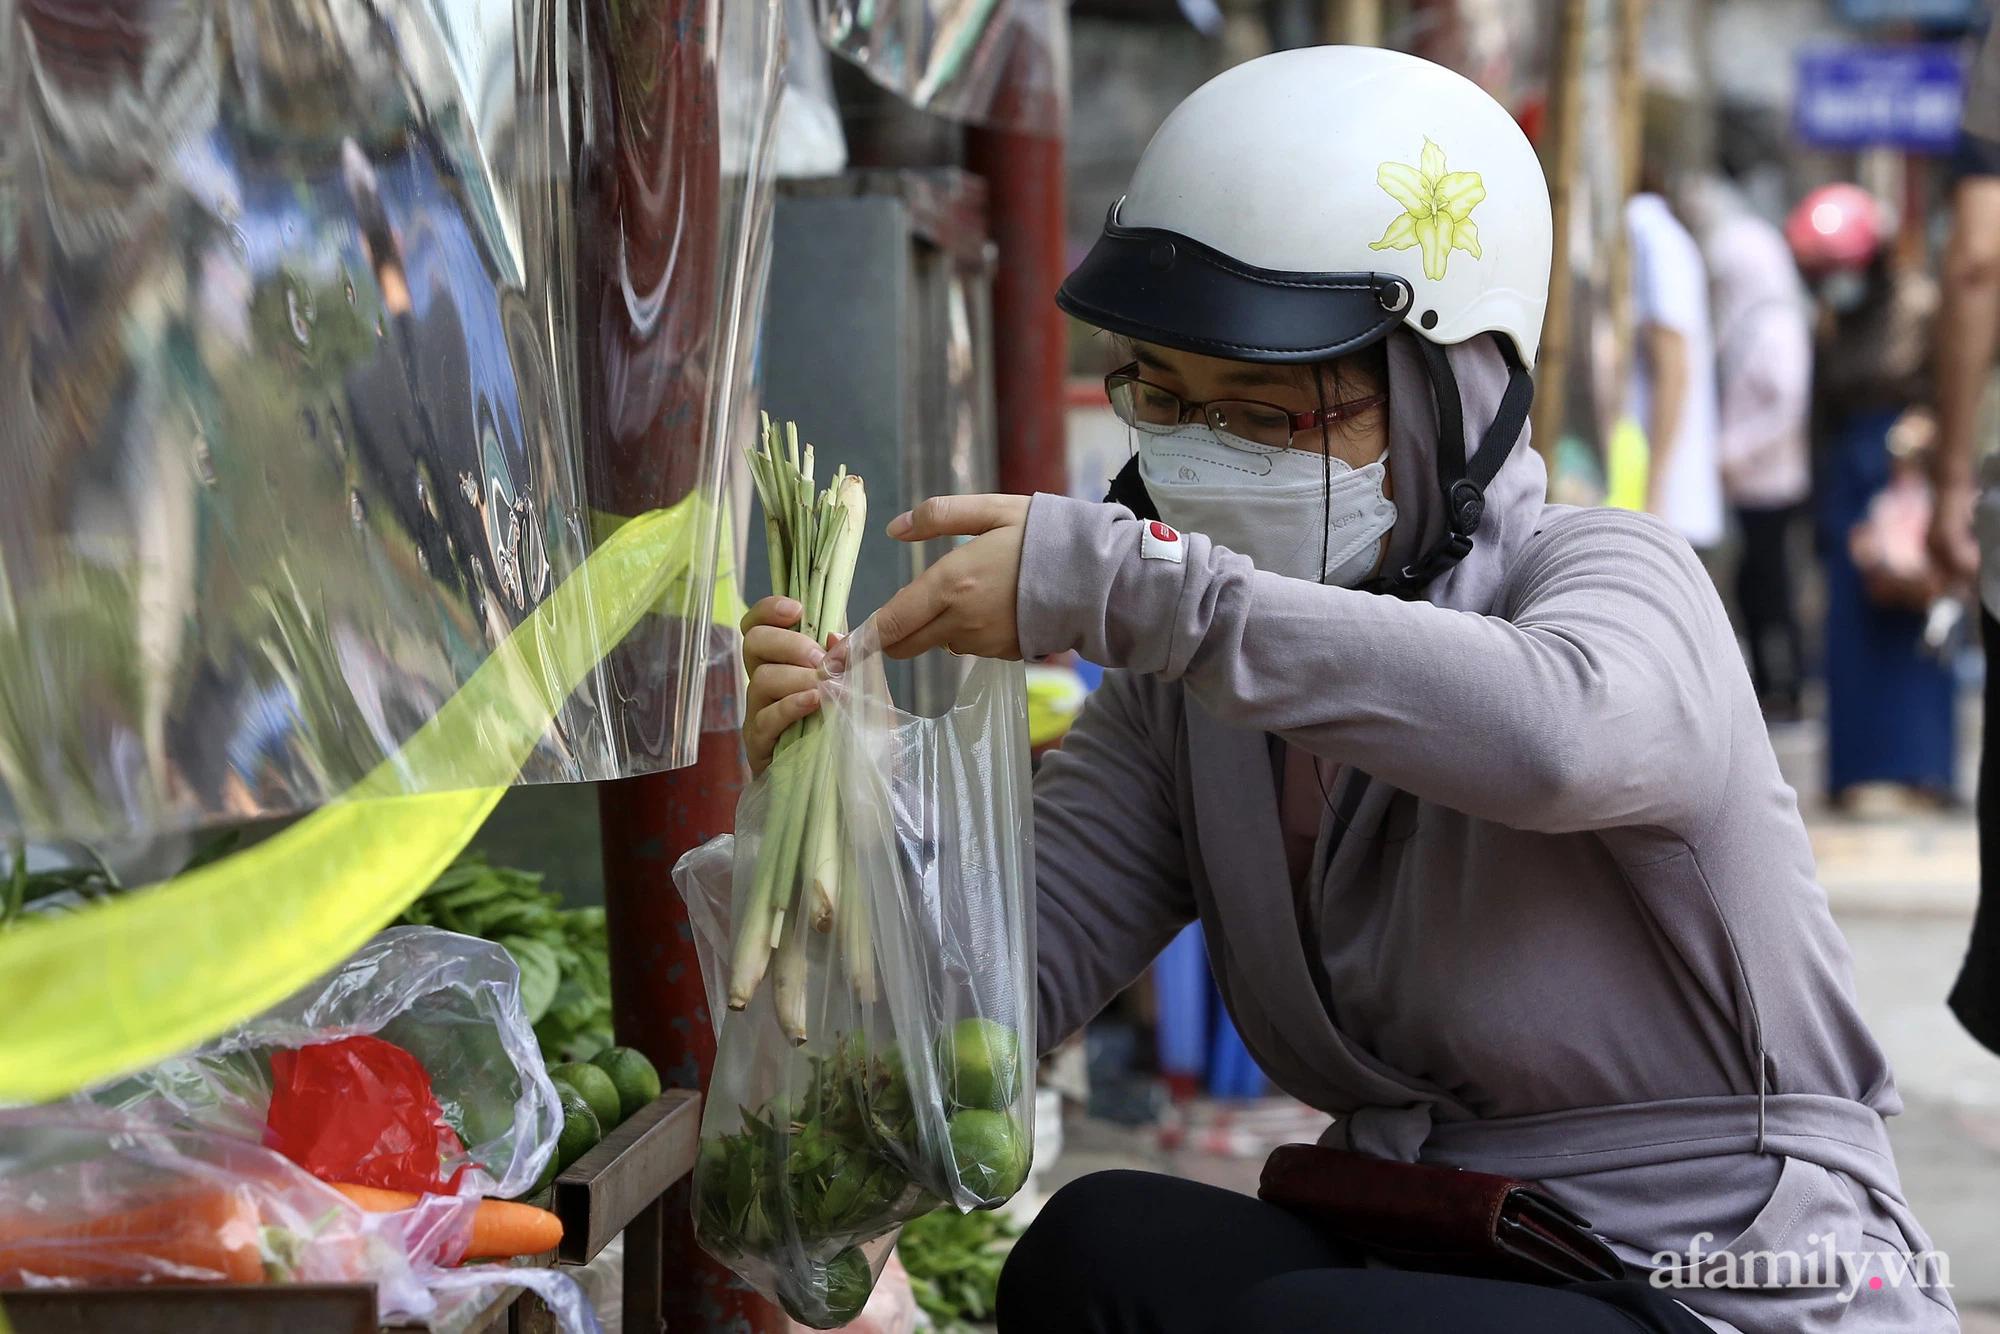 Ấn tượng với khu chợ dân sinh đầu tiên ở Hà Nội quây tấm nilon phòng dịch COVID-19, tiểu thương chia ca đứng bán theo ngày chẵn, lẻ - Ảnh 7.